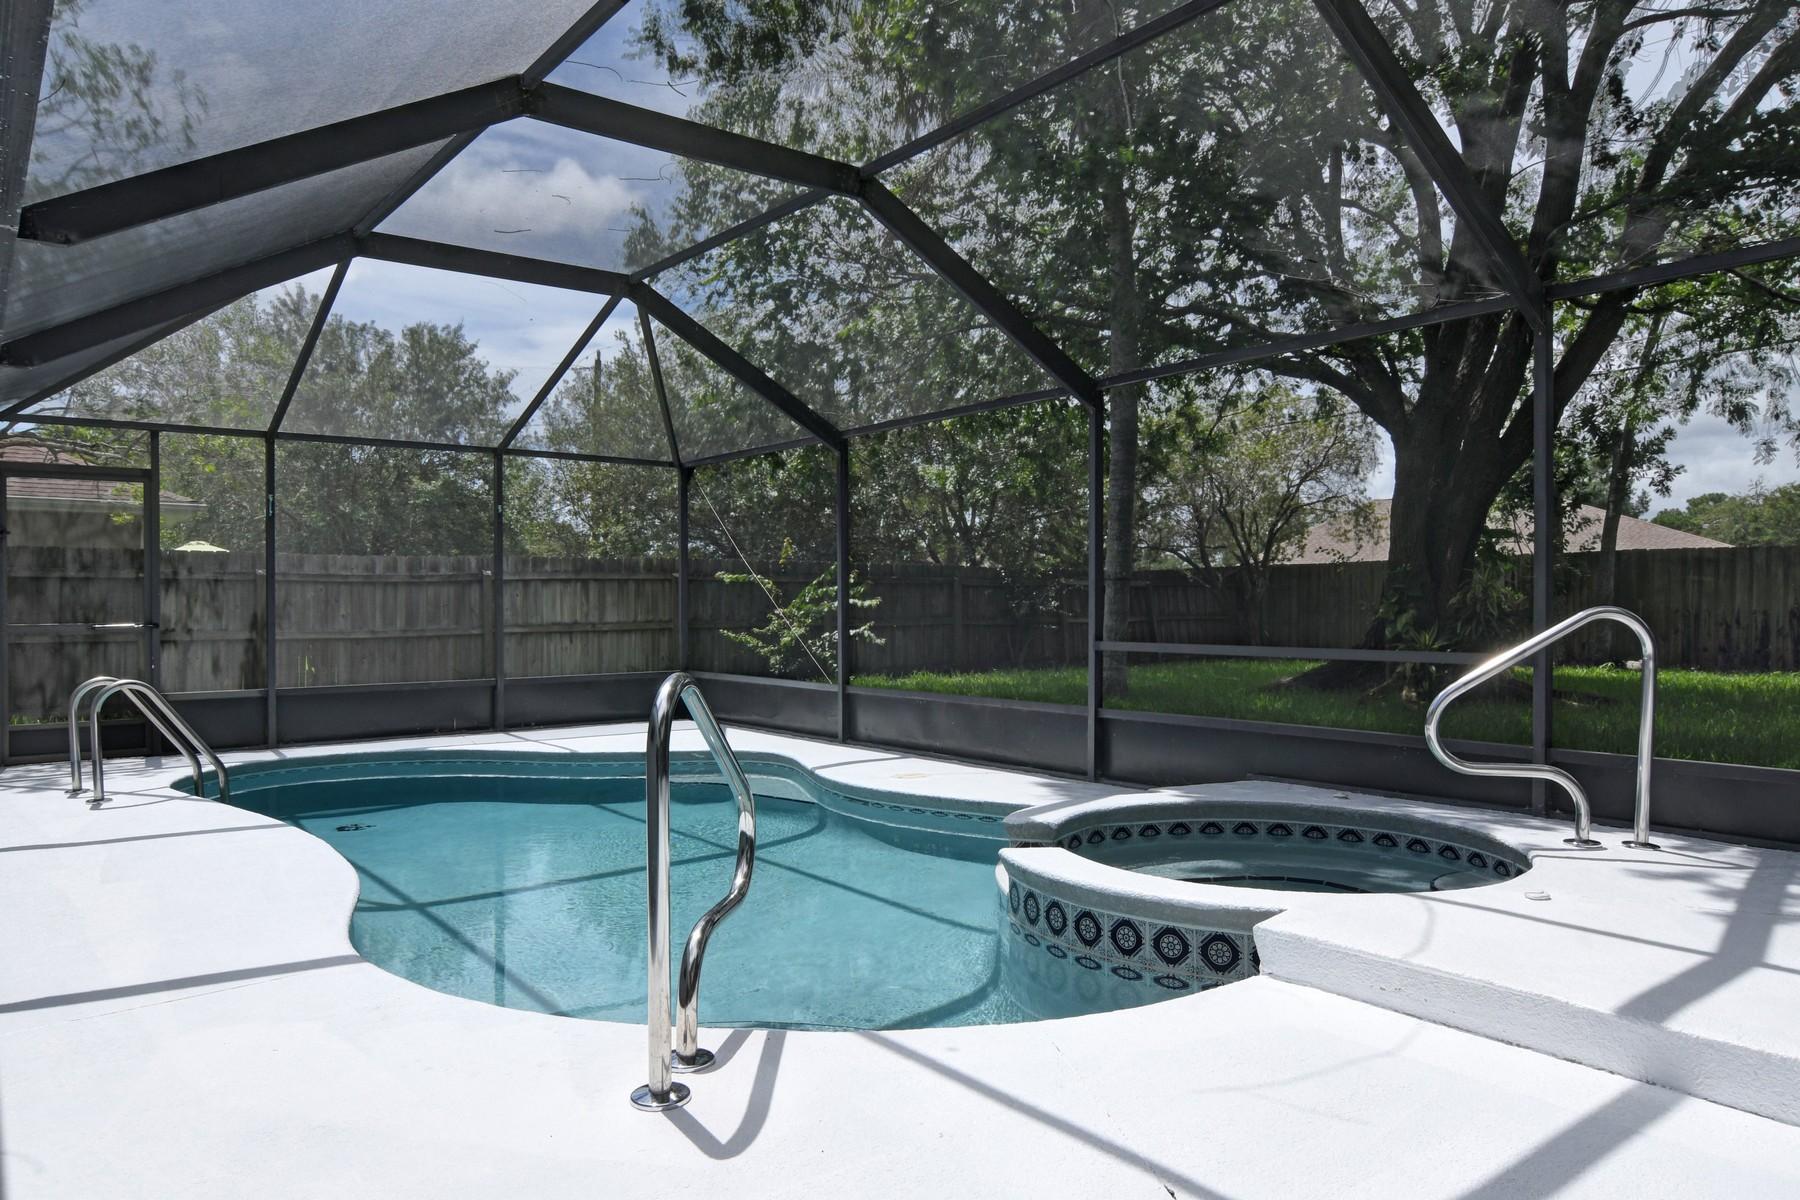 Частный односемейный дом для того Продажа на Newly Renovated Pool Home 127 Mabry Street Sebastian, Флорида, 32958 Соединенные Штаты